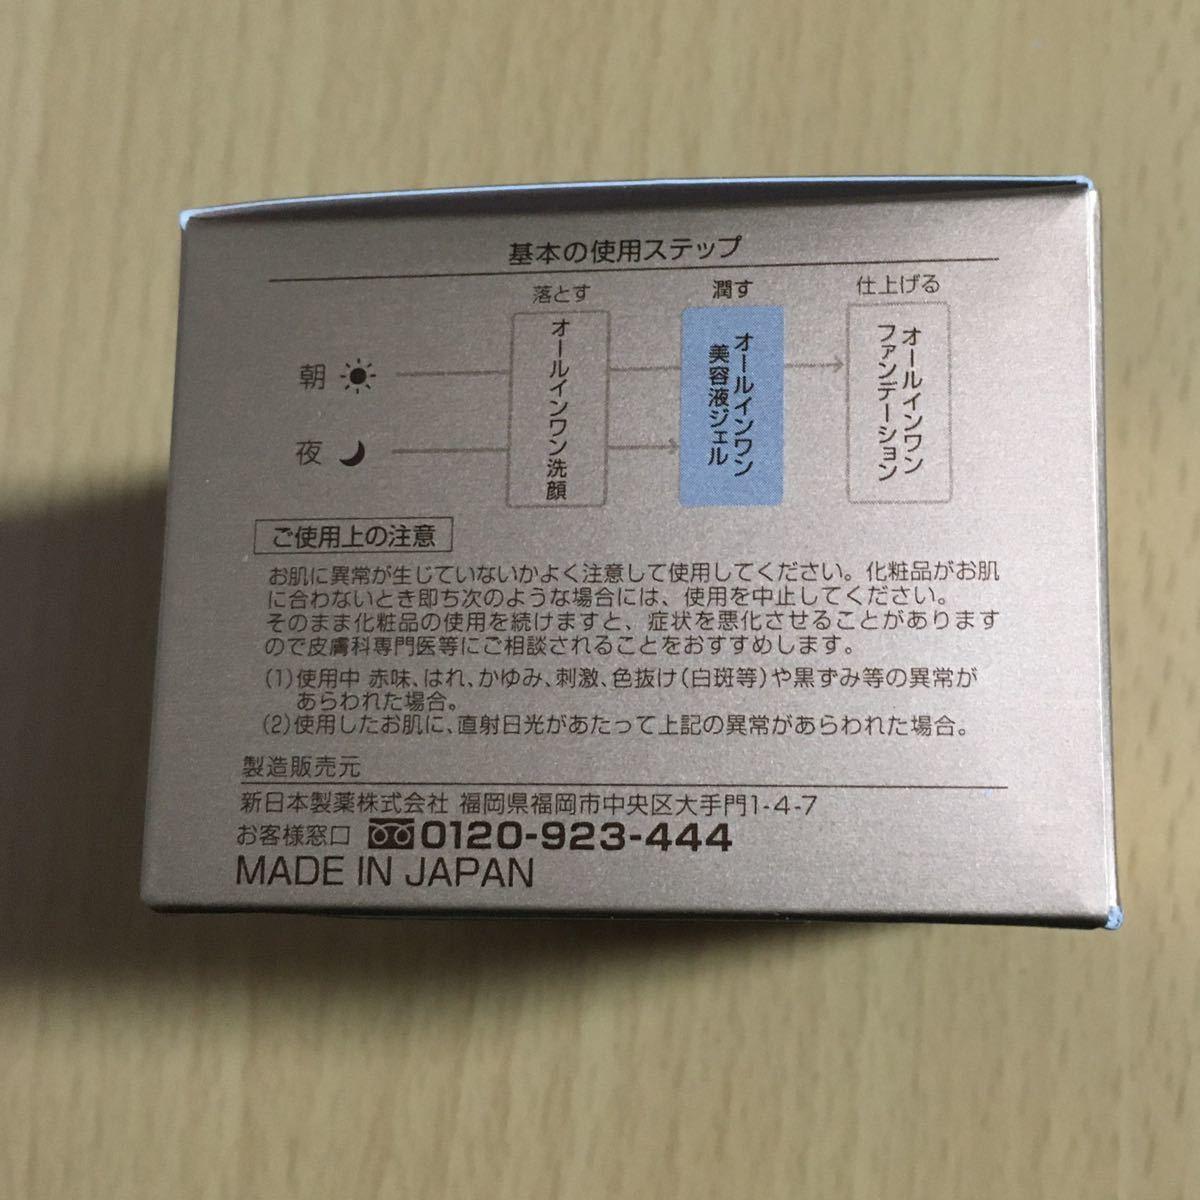 パーフェクトワン 薬用リンクルストレッチジェル 50g